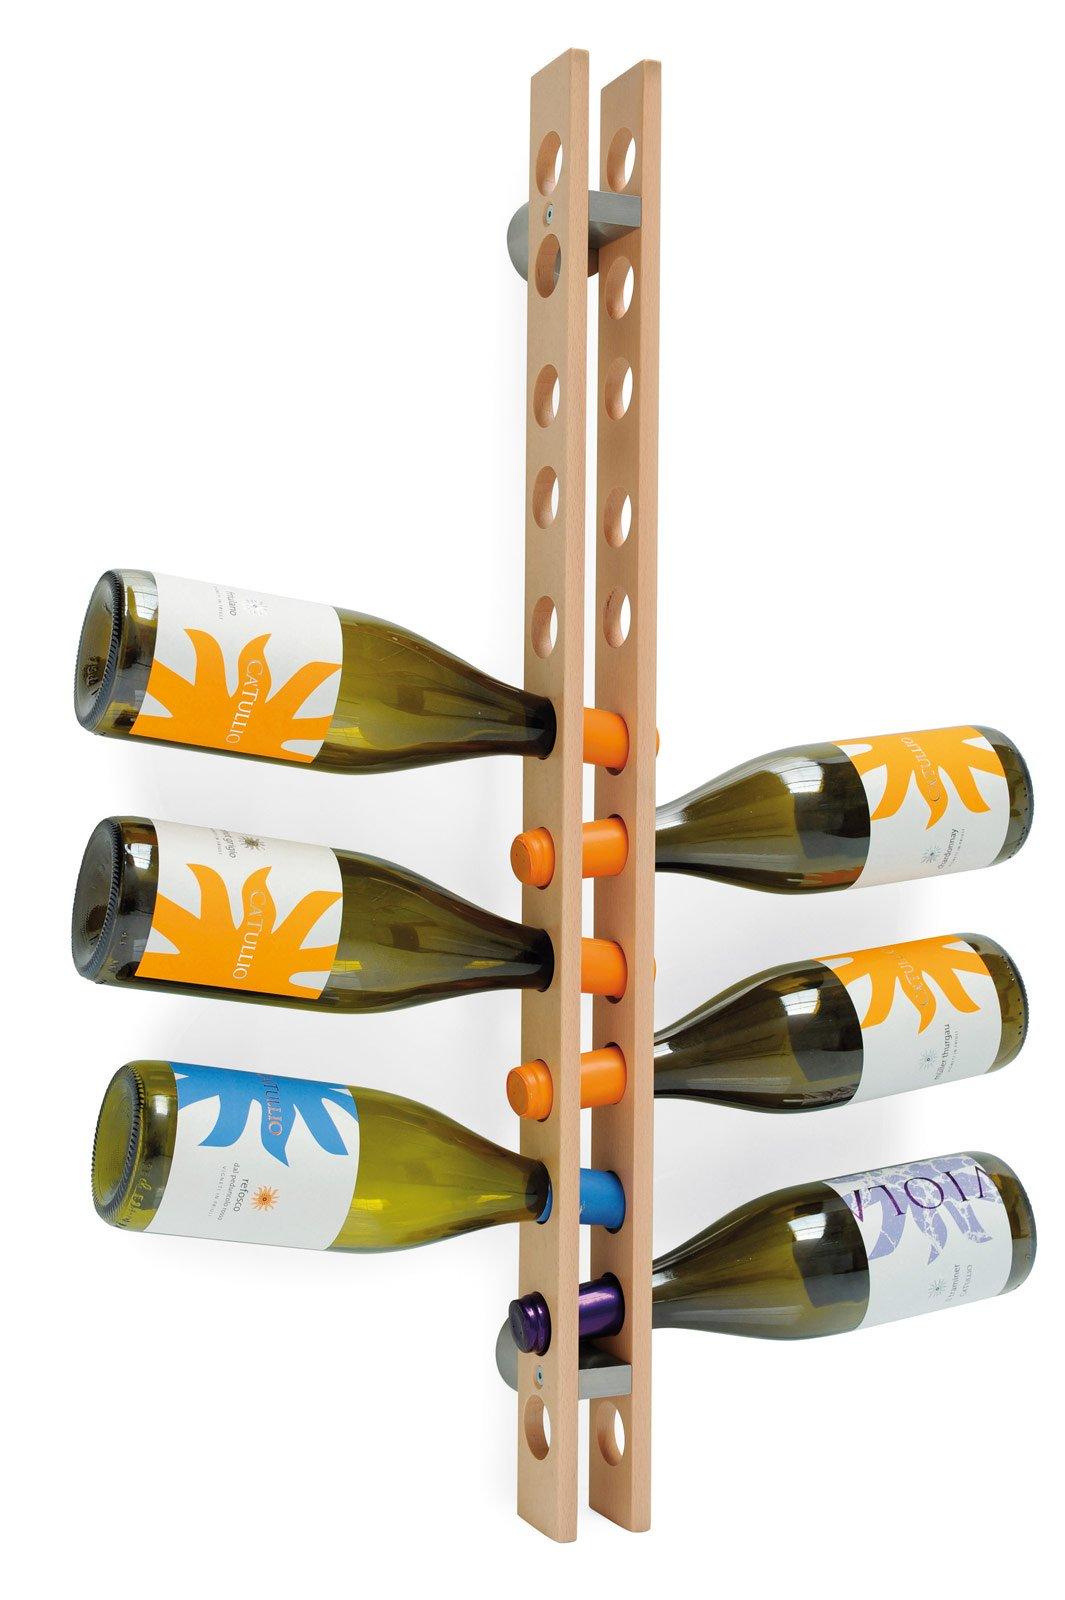 Portabottiglie belli da lasciare a vista cose di casa - Porta vino ikea ...